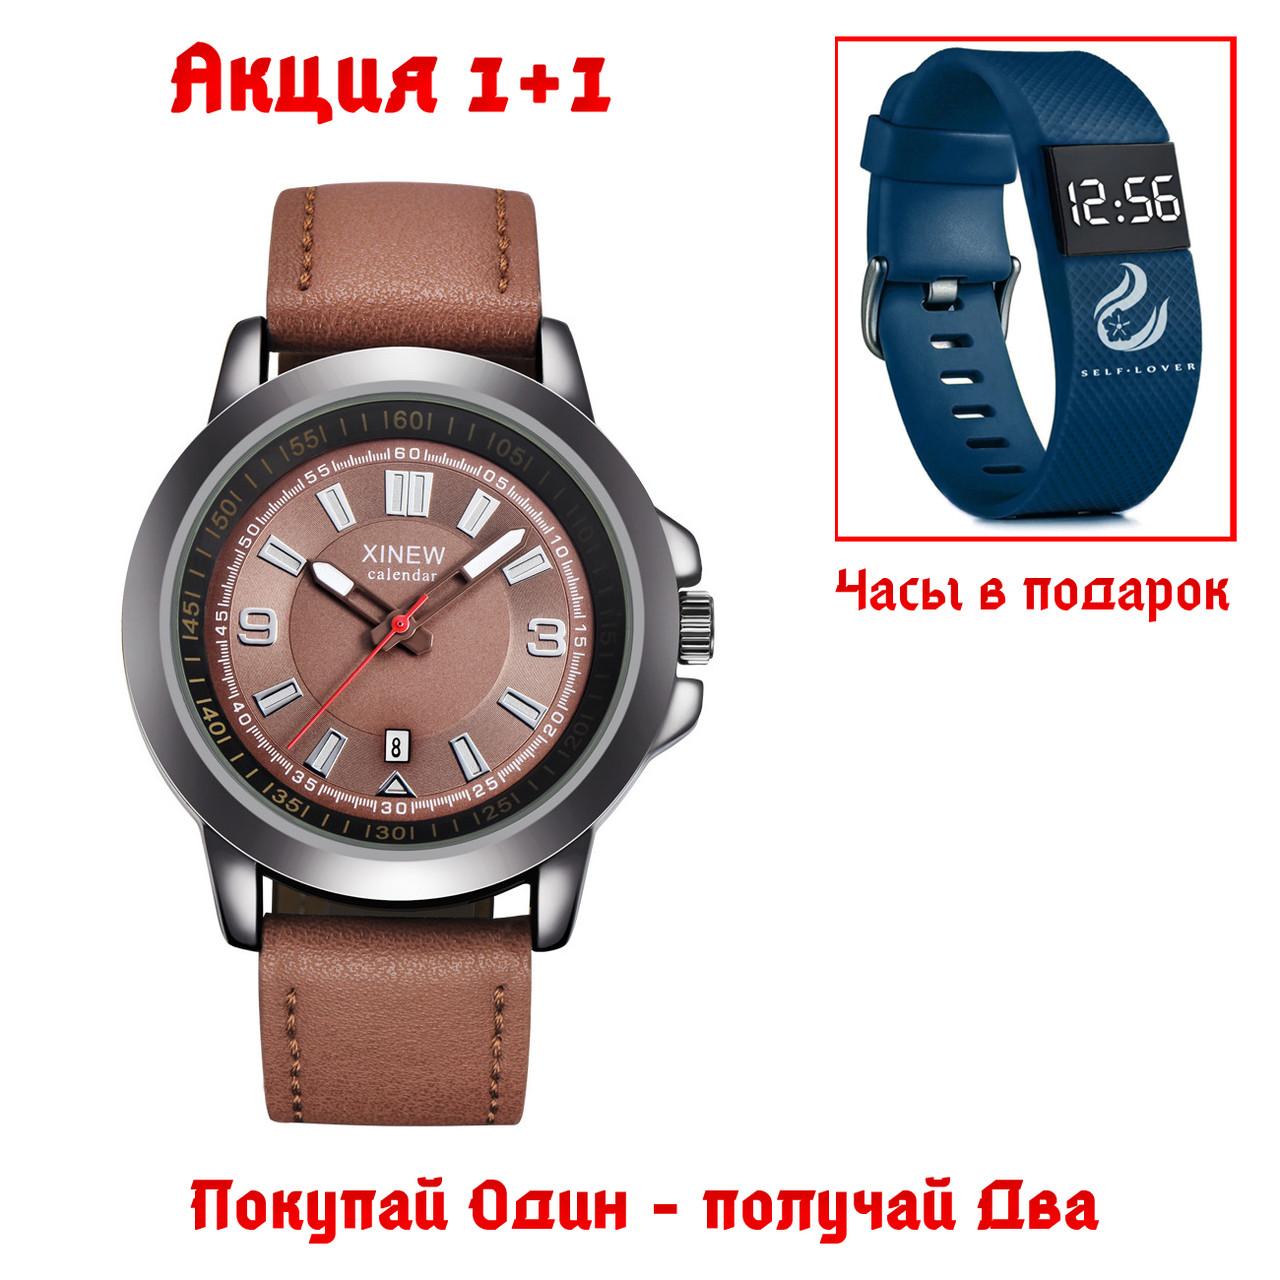 Часы наручные мужские XINEW Premium D3 + Подарок